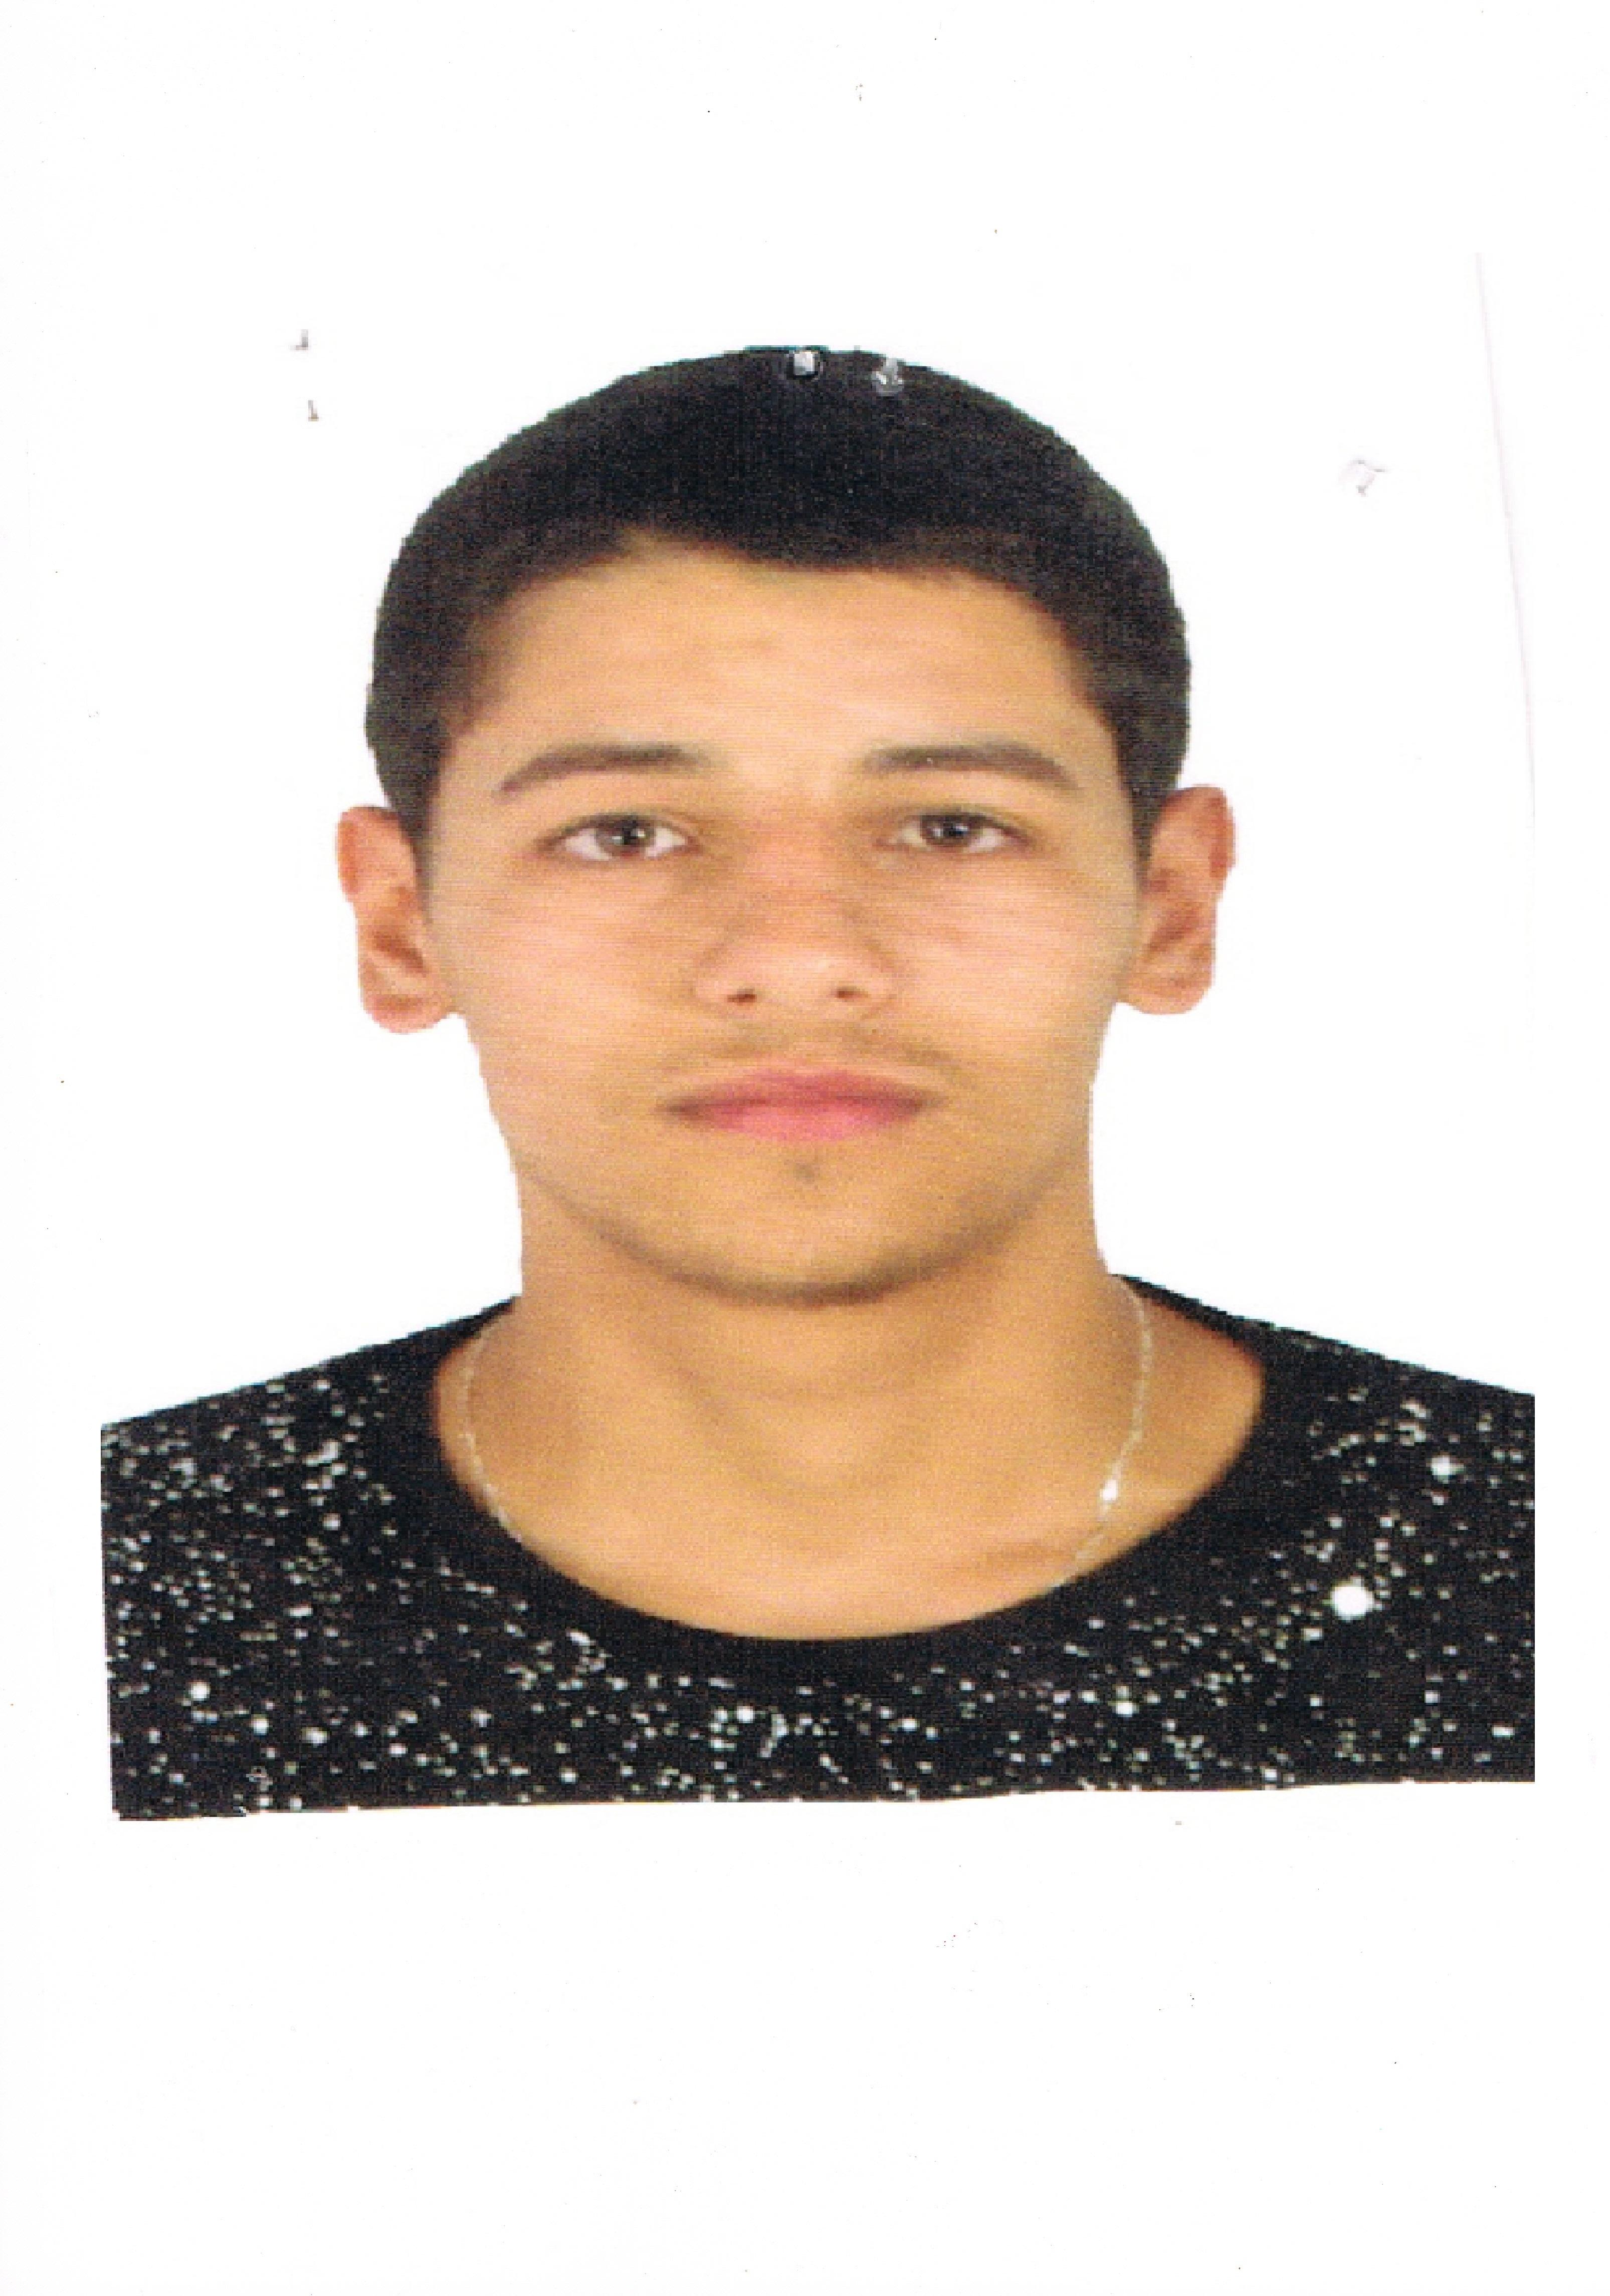 DERMOUCHE Mohamed